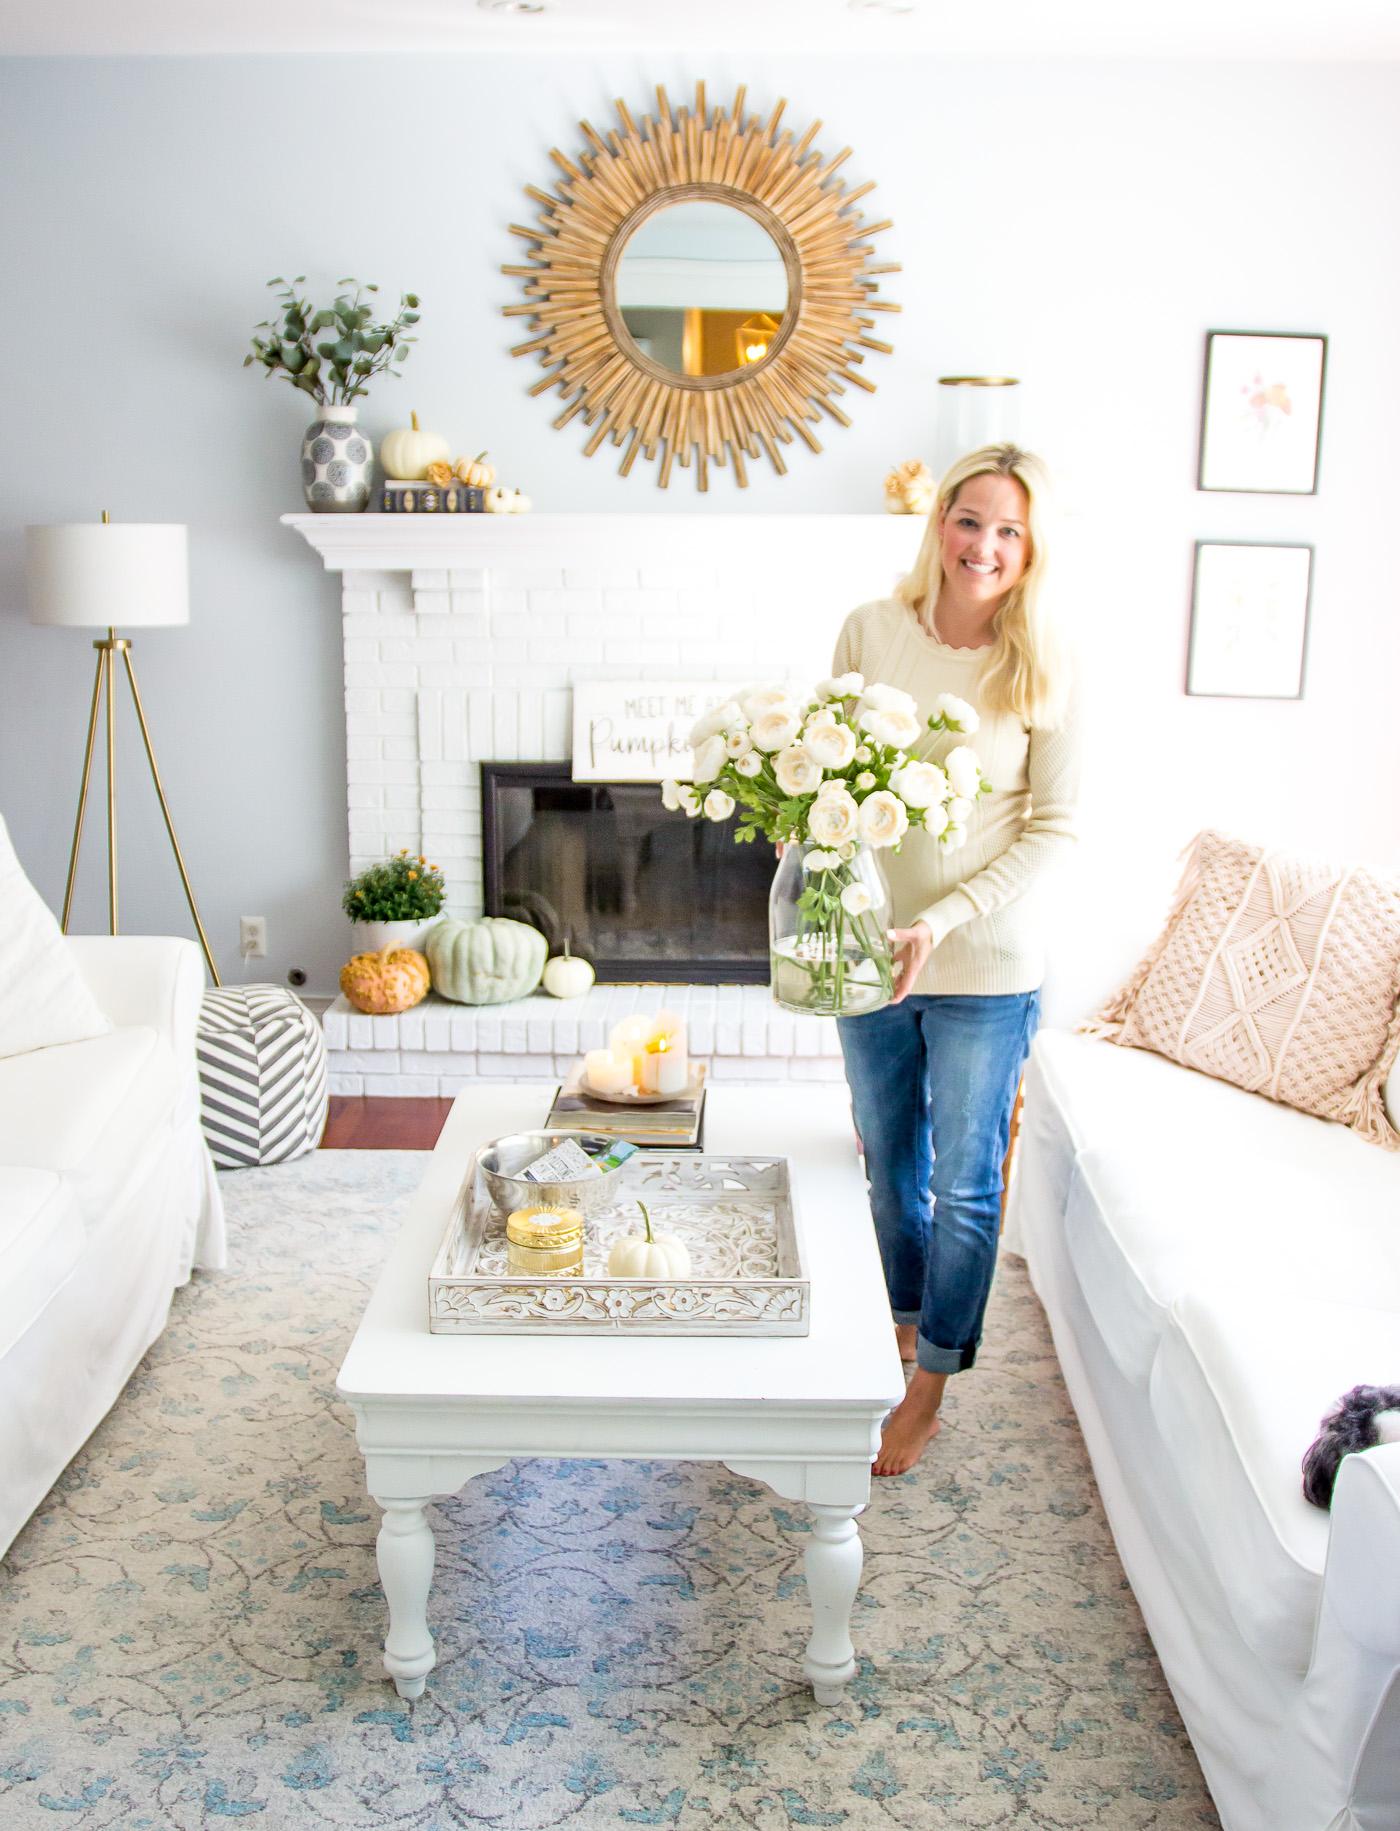 Autumn Living Room Decorating Ideas: Autumn Living Room Tour